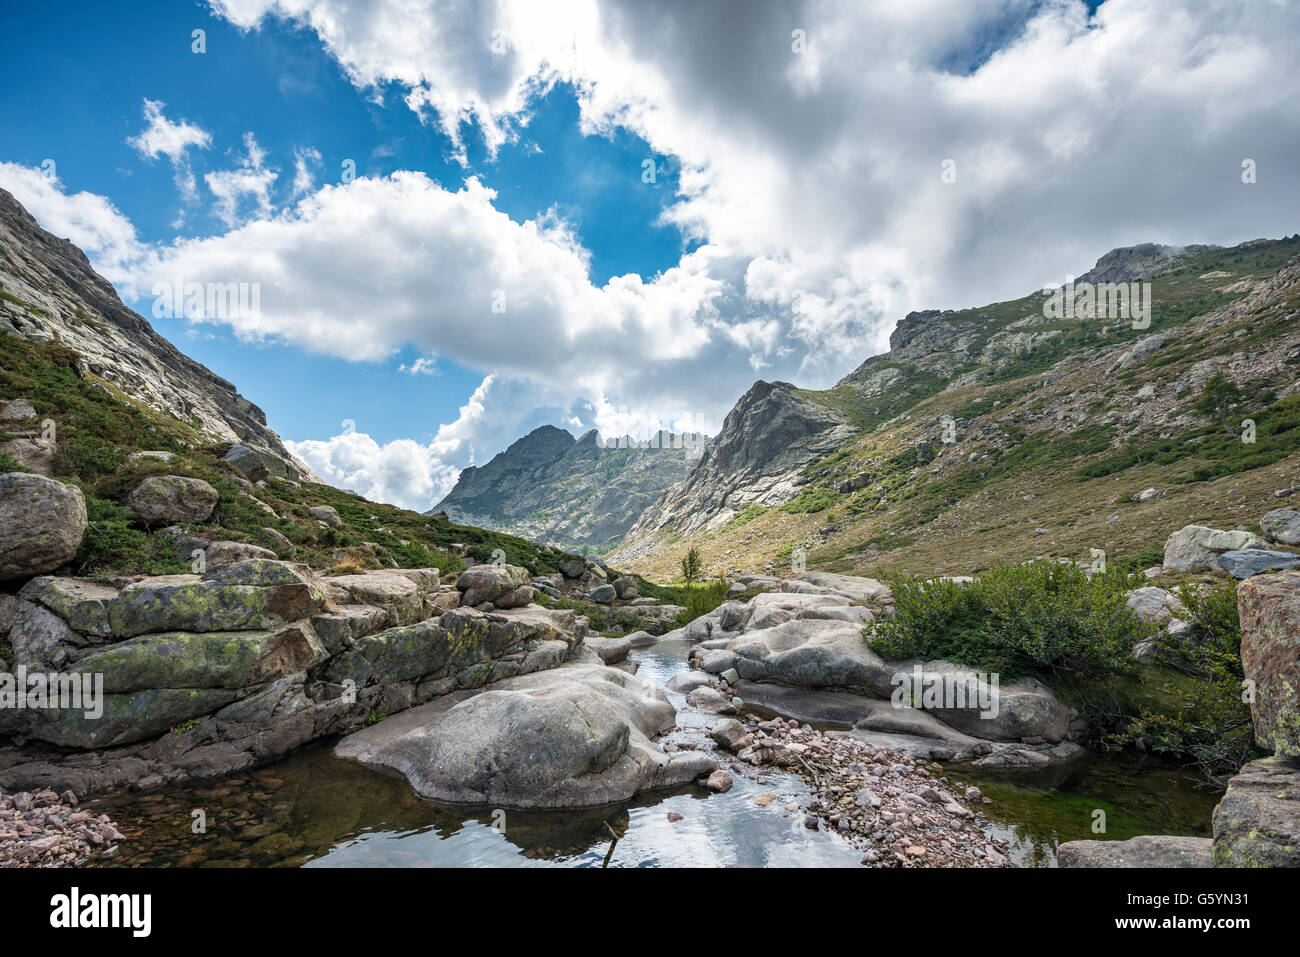 River Golo, paysage montagneux, Parc Naturel de la Corse, Parc naturel régional de Corse, Corse, France Photo Stock